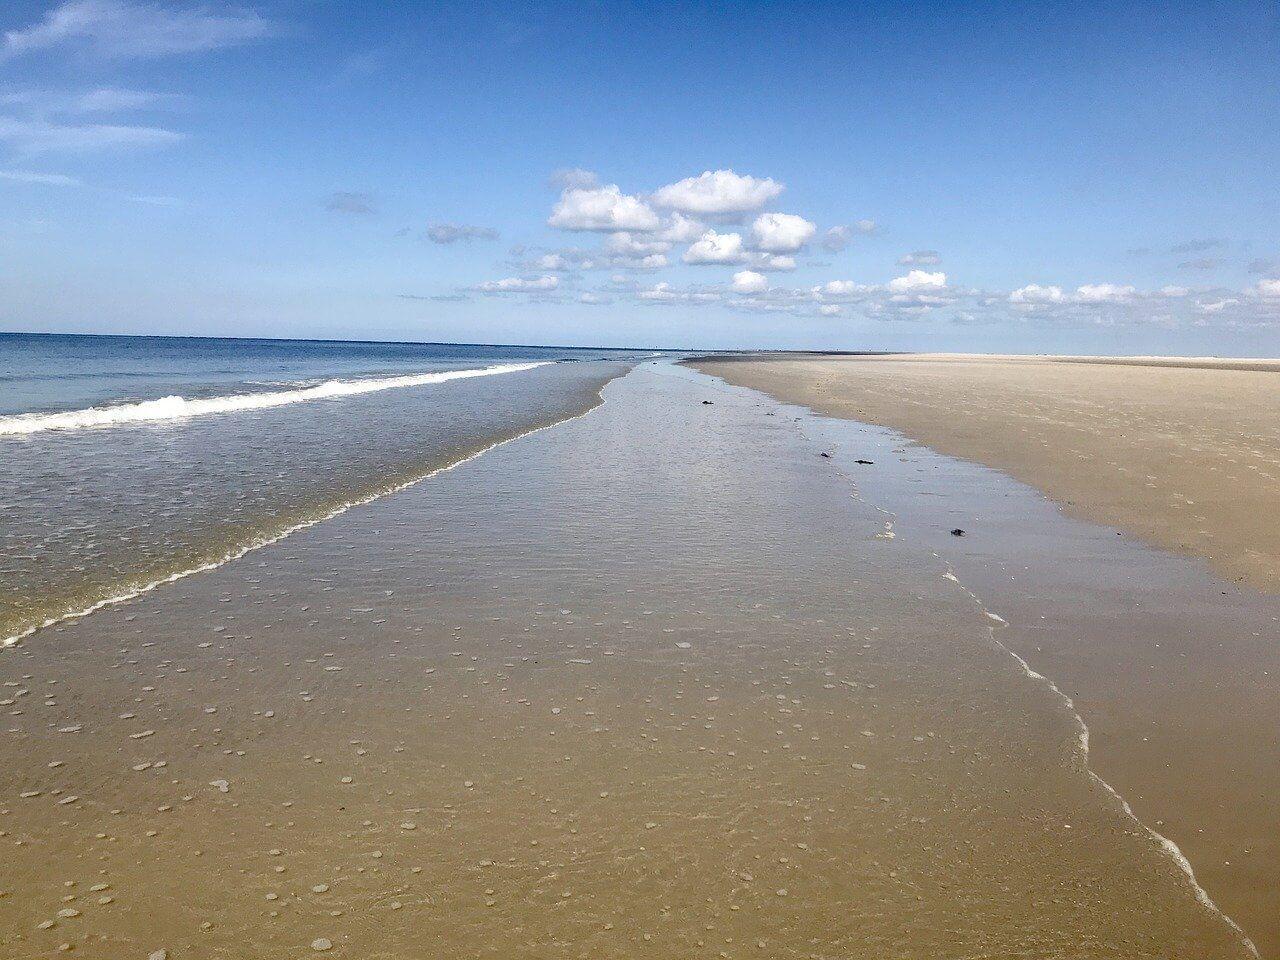 Strand auf der Insel Fanö